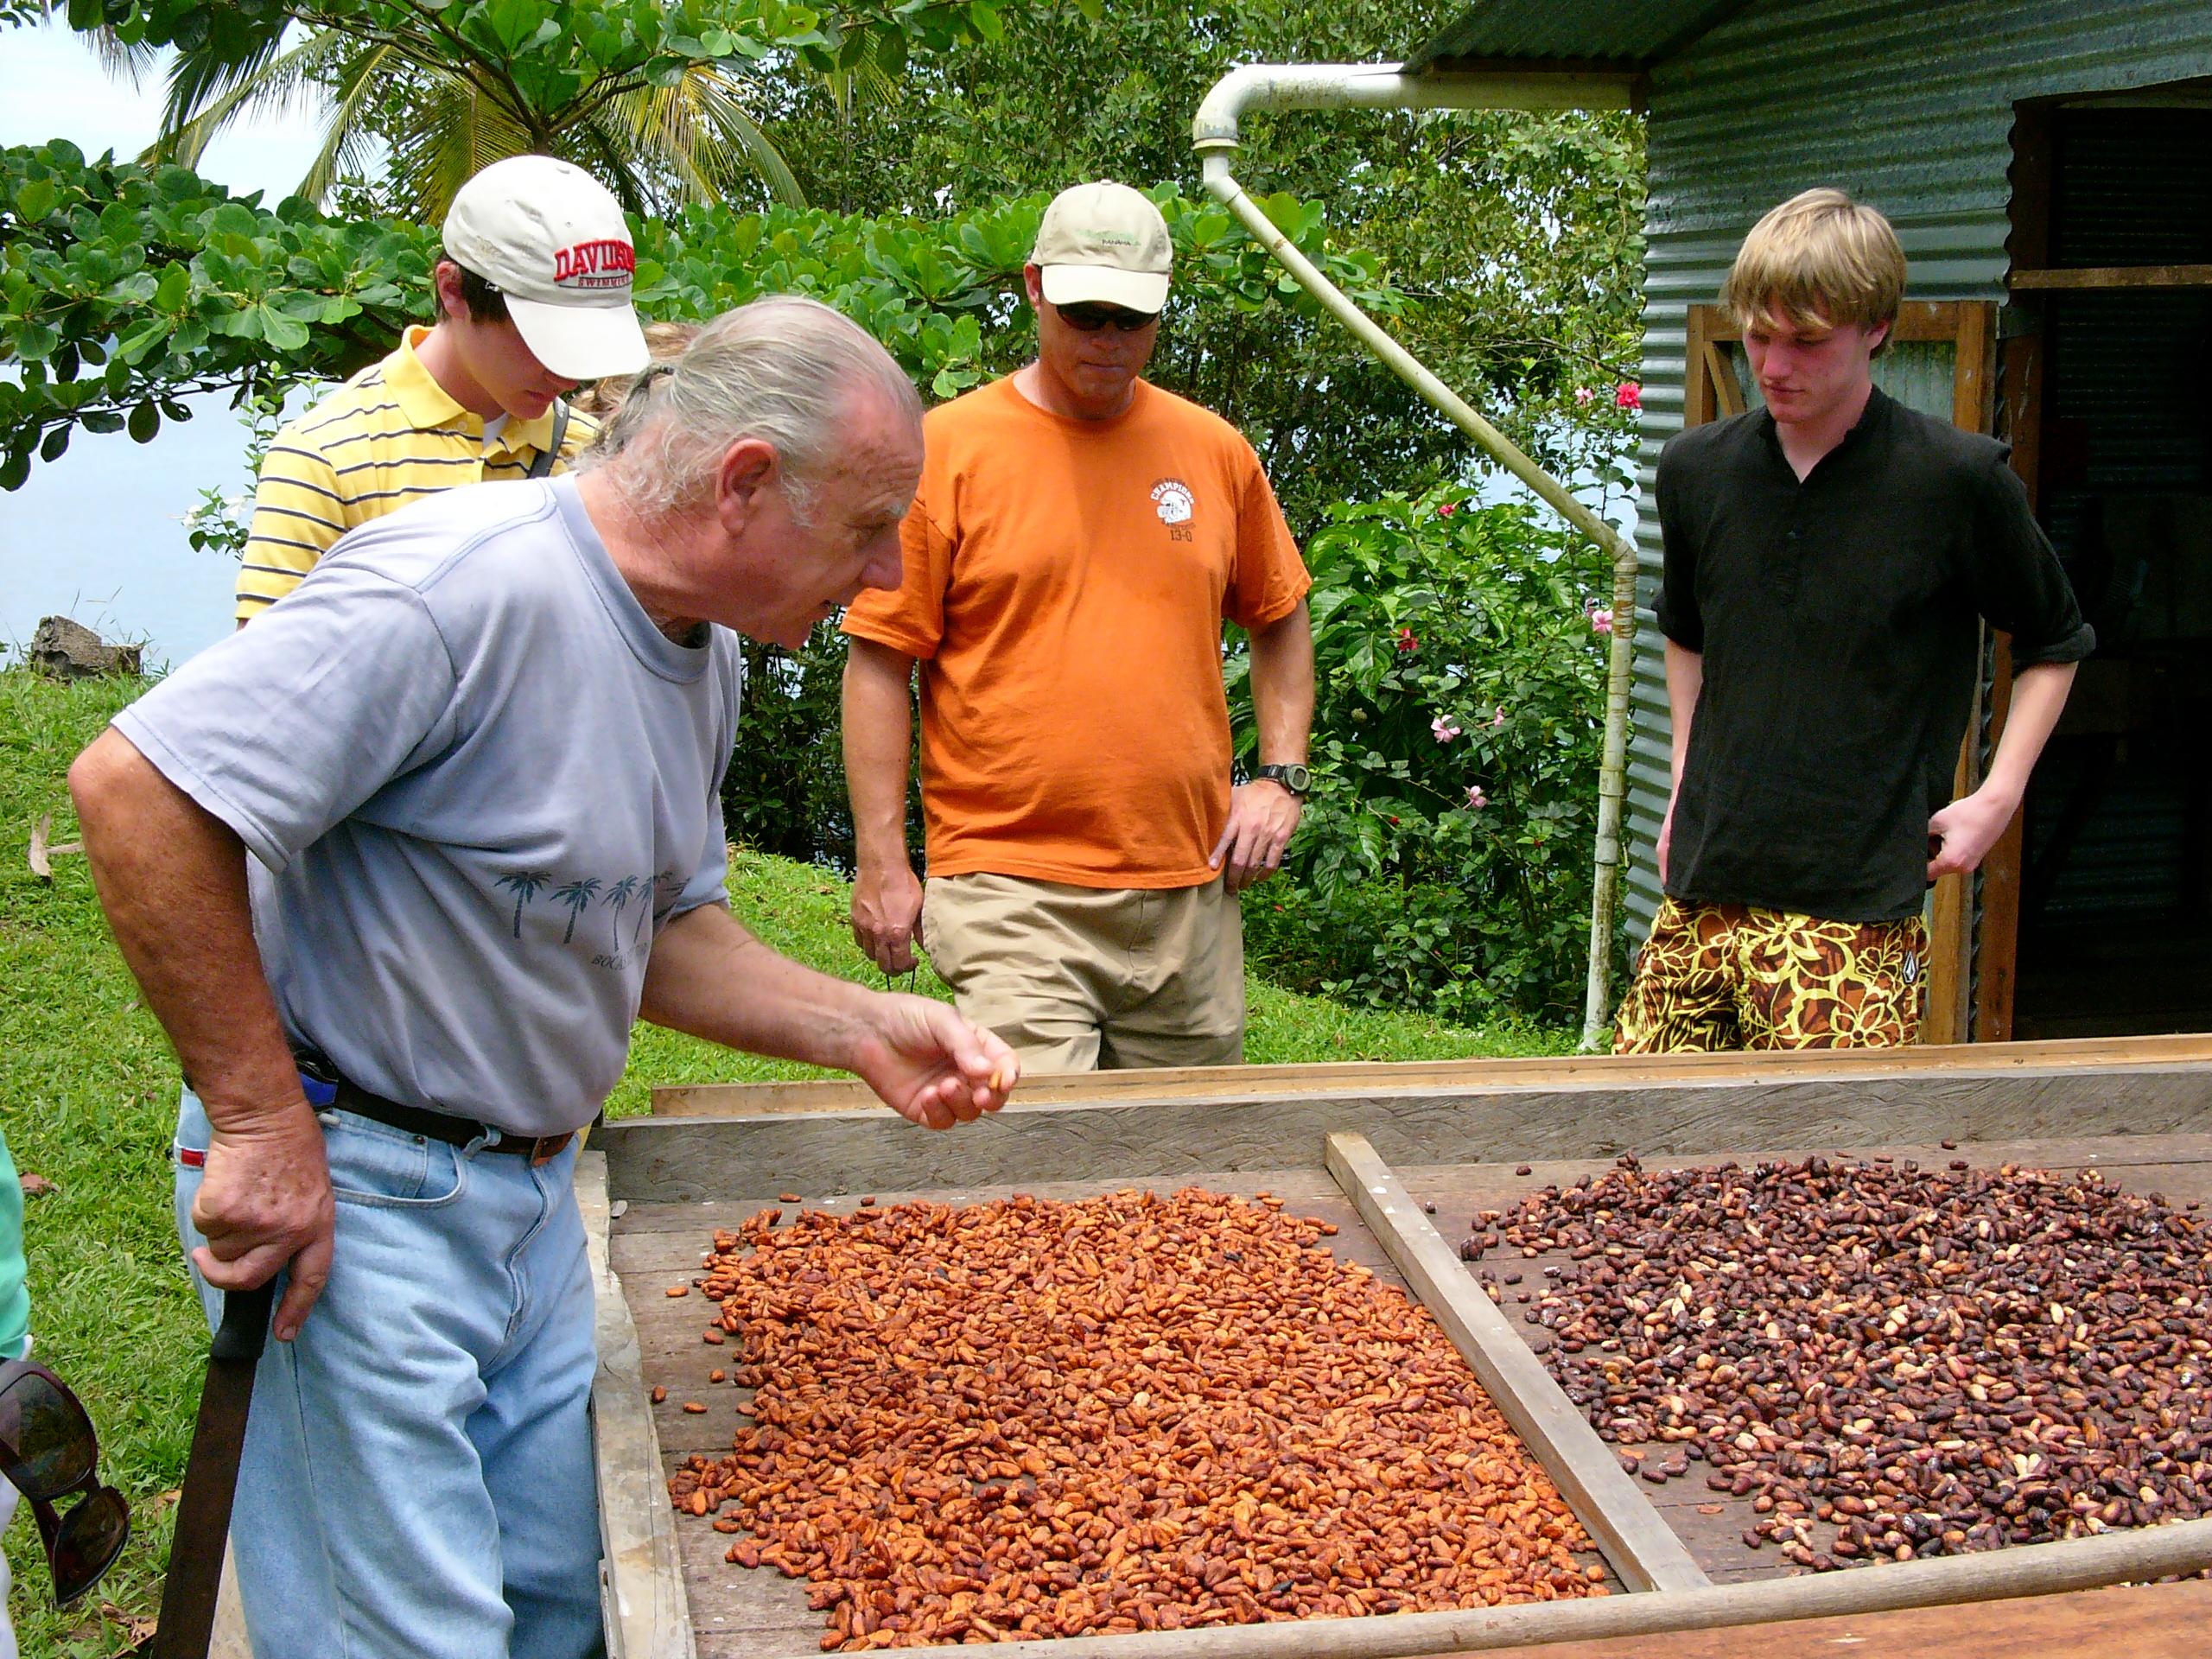 Chocolate farm 4 – EcoCircuitos Panama's Blog